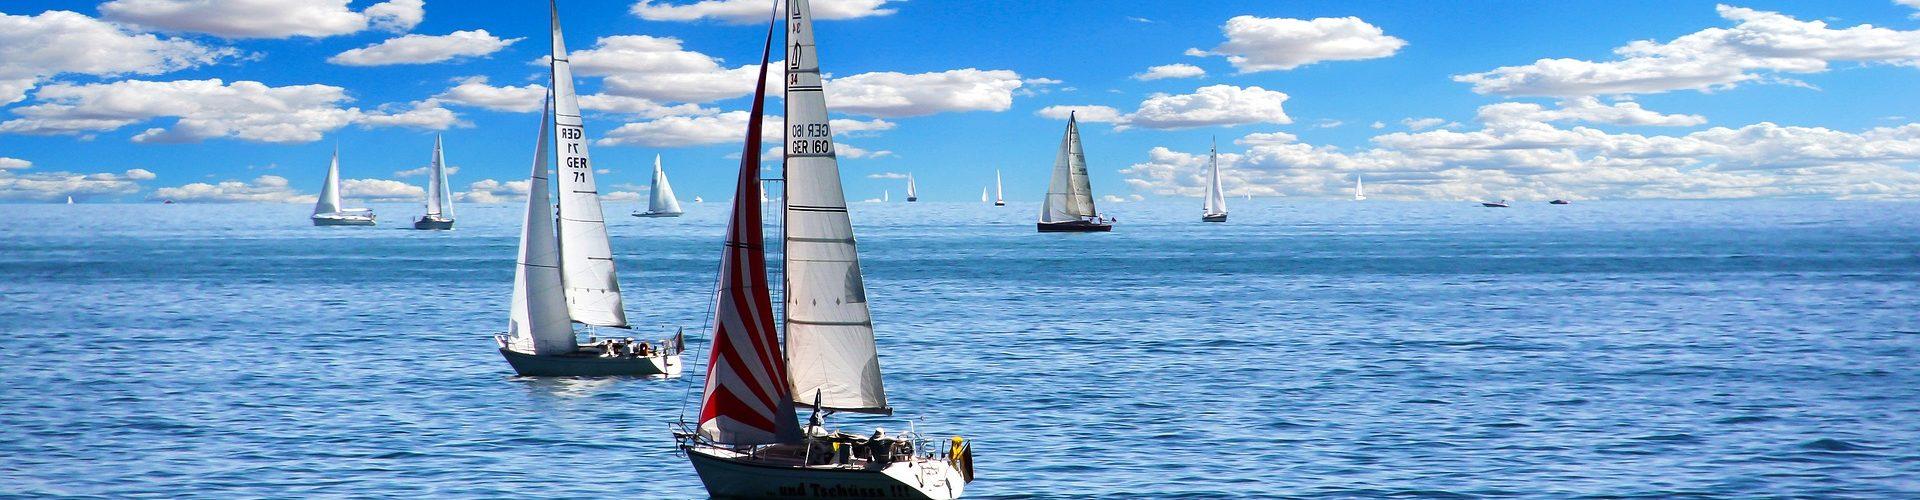 segeln lernen in Varel Varel segelschein machen in Varel Varel 1920x500 - Segeln lernen in Varel Varel